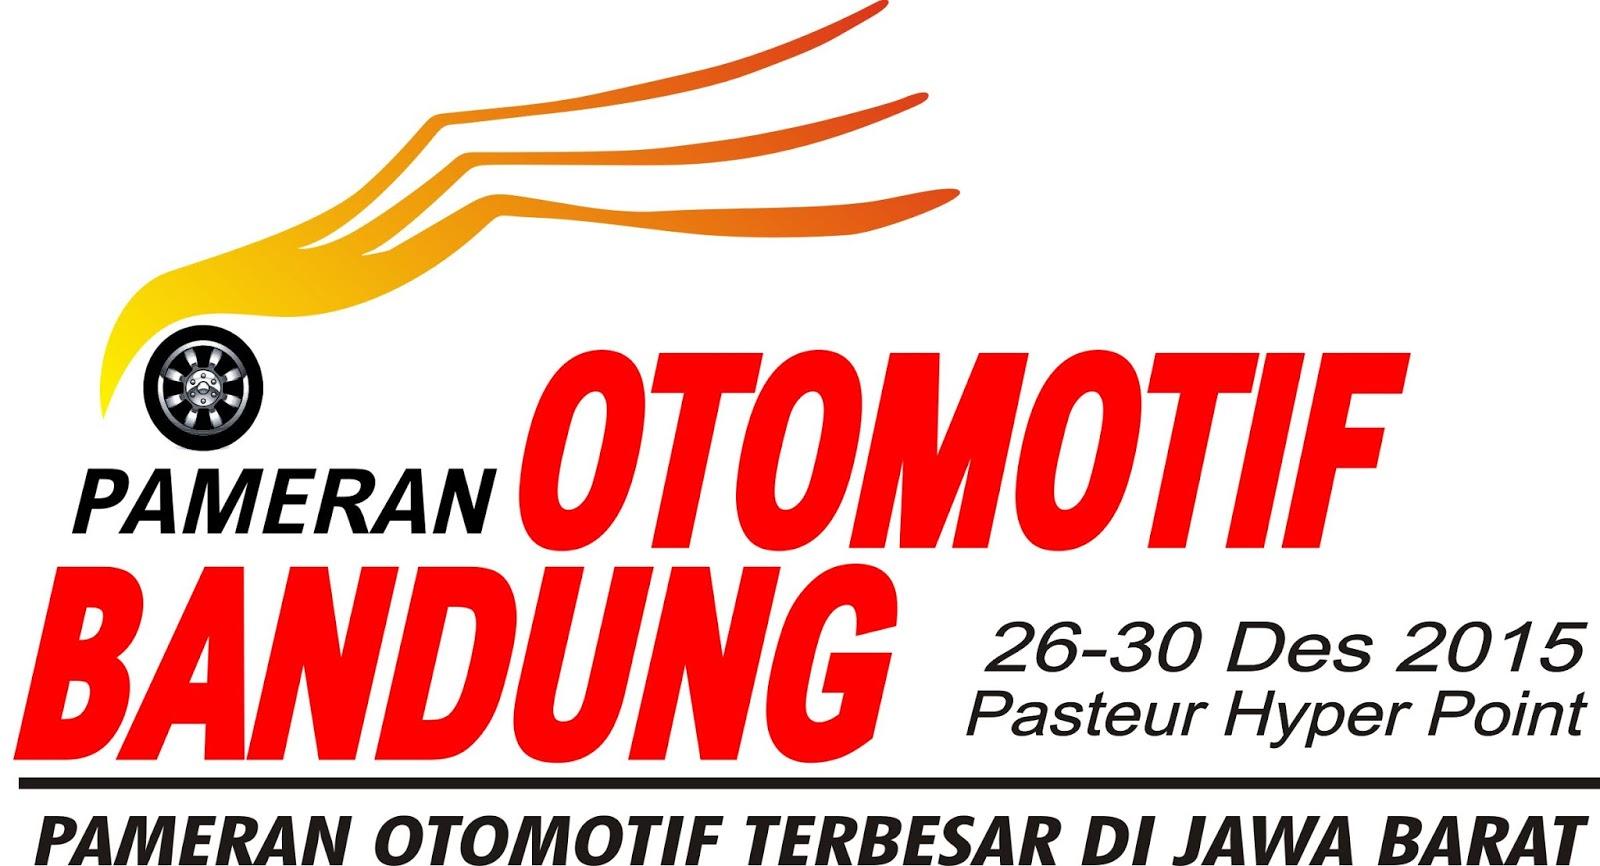 Bandung Otomotif Expo 2015, 26-30 Desember 2015